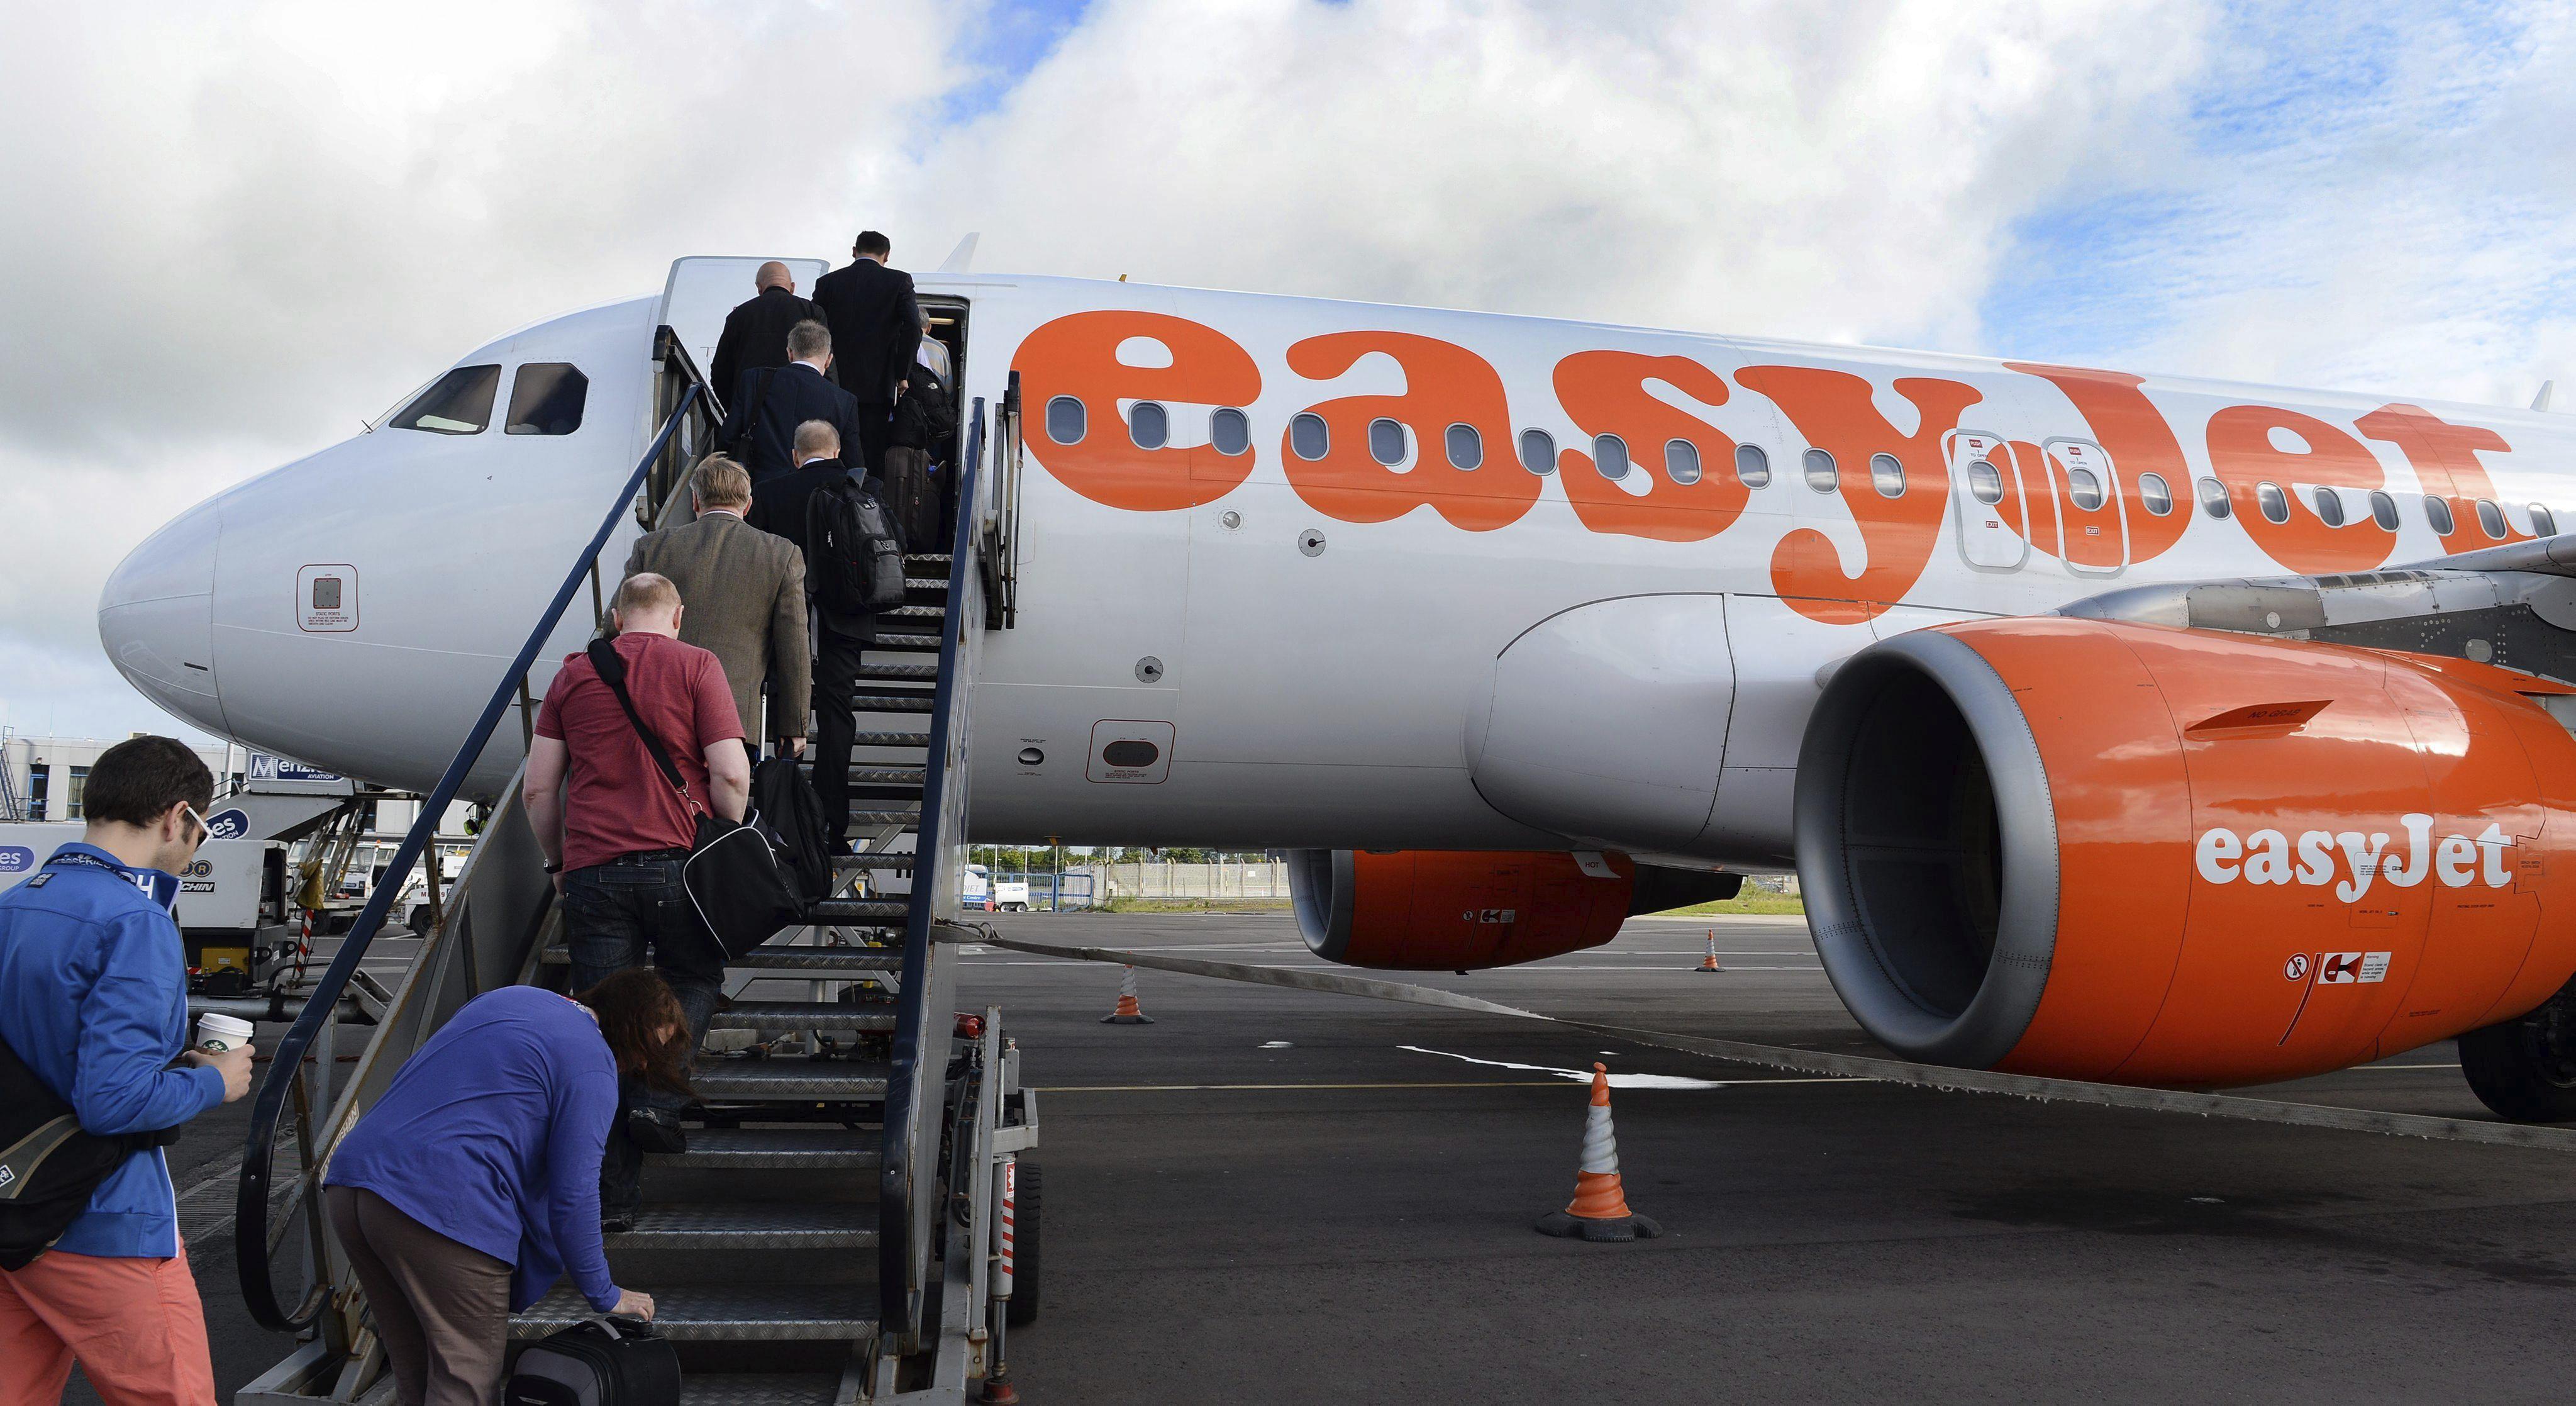 La aerolínea Easyjet anuncia la cancelación de rutas  desde Lisboa a Valencia y Oviedo